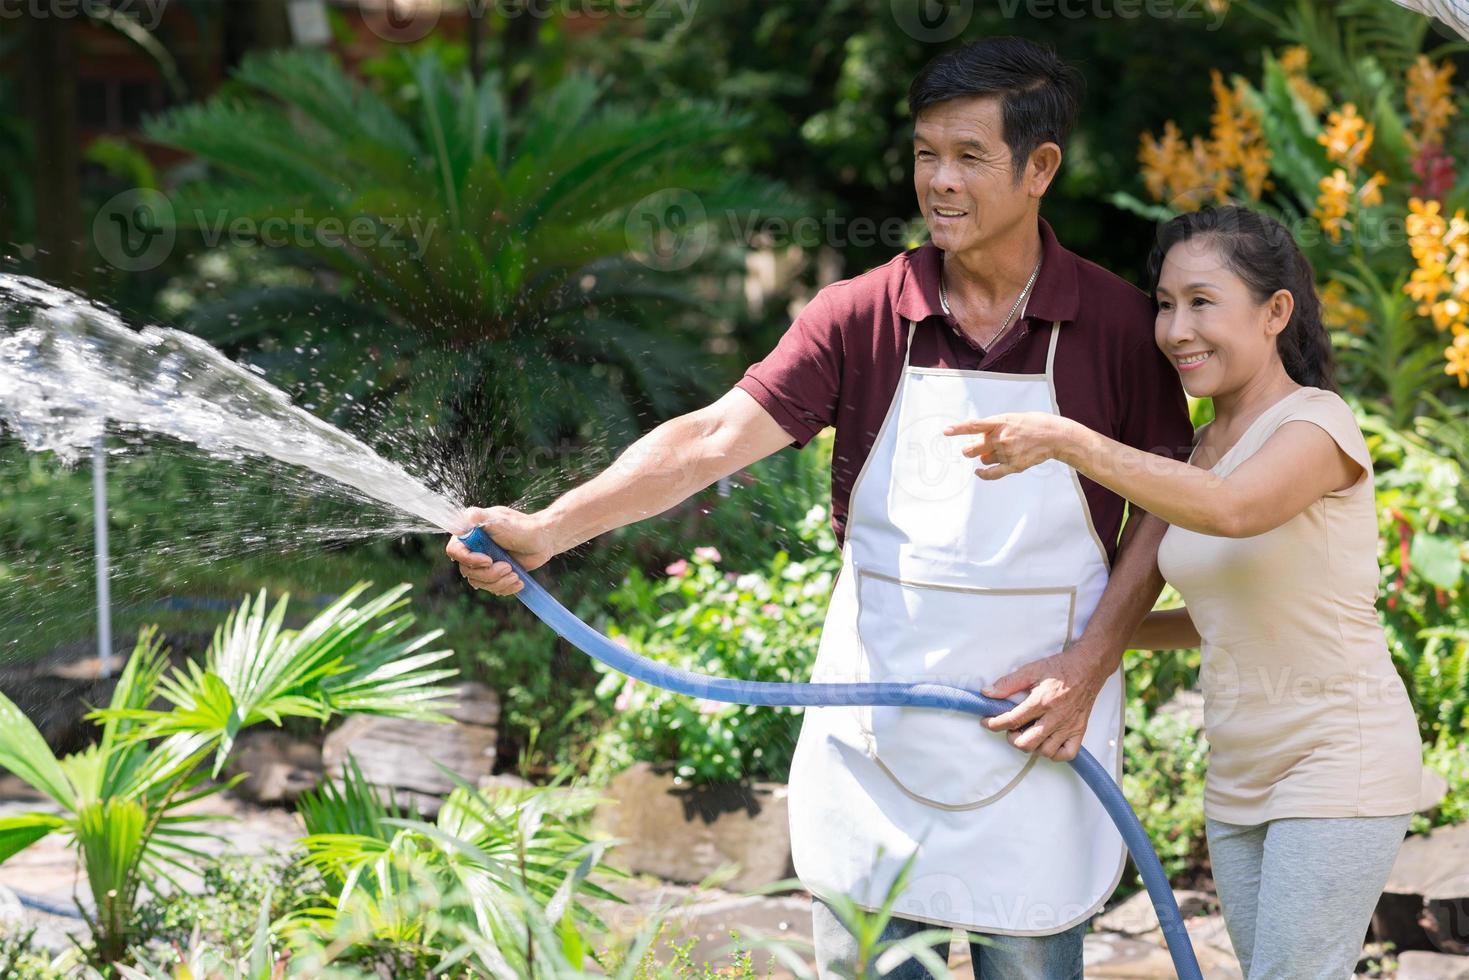 Gartenbewässerung foto